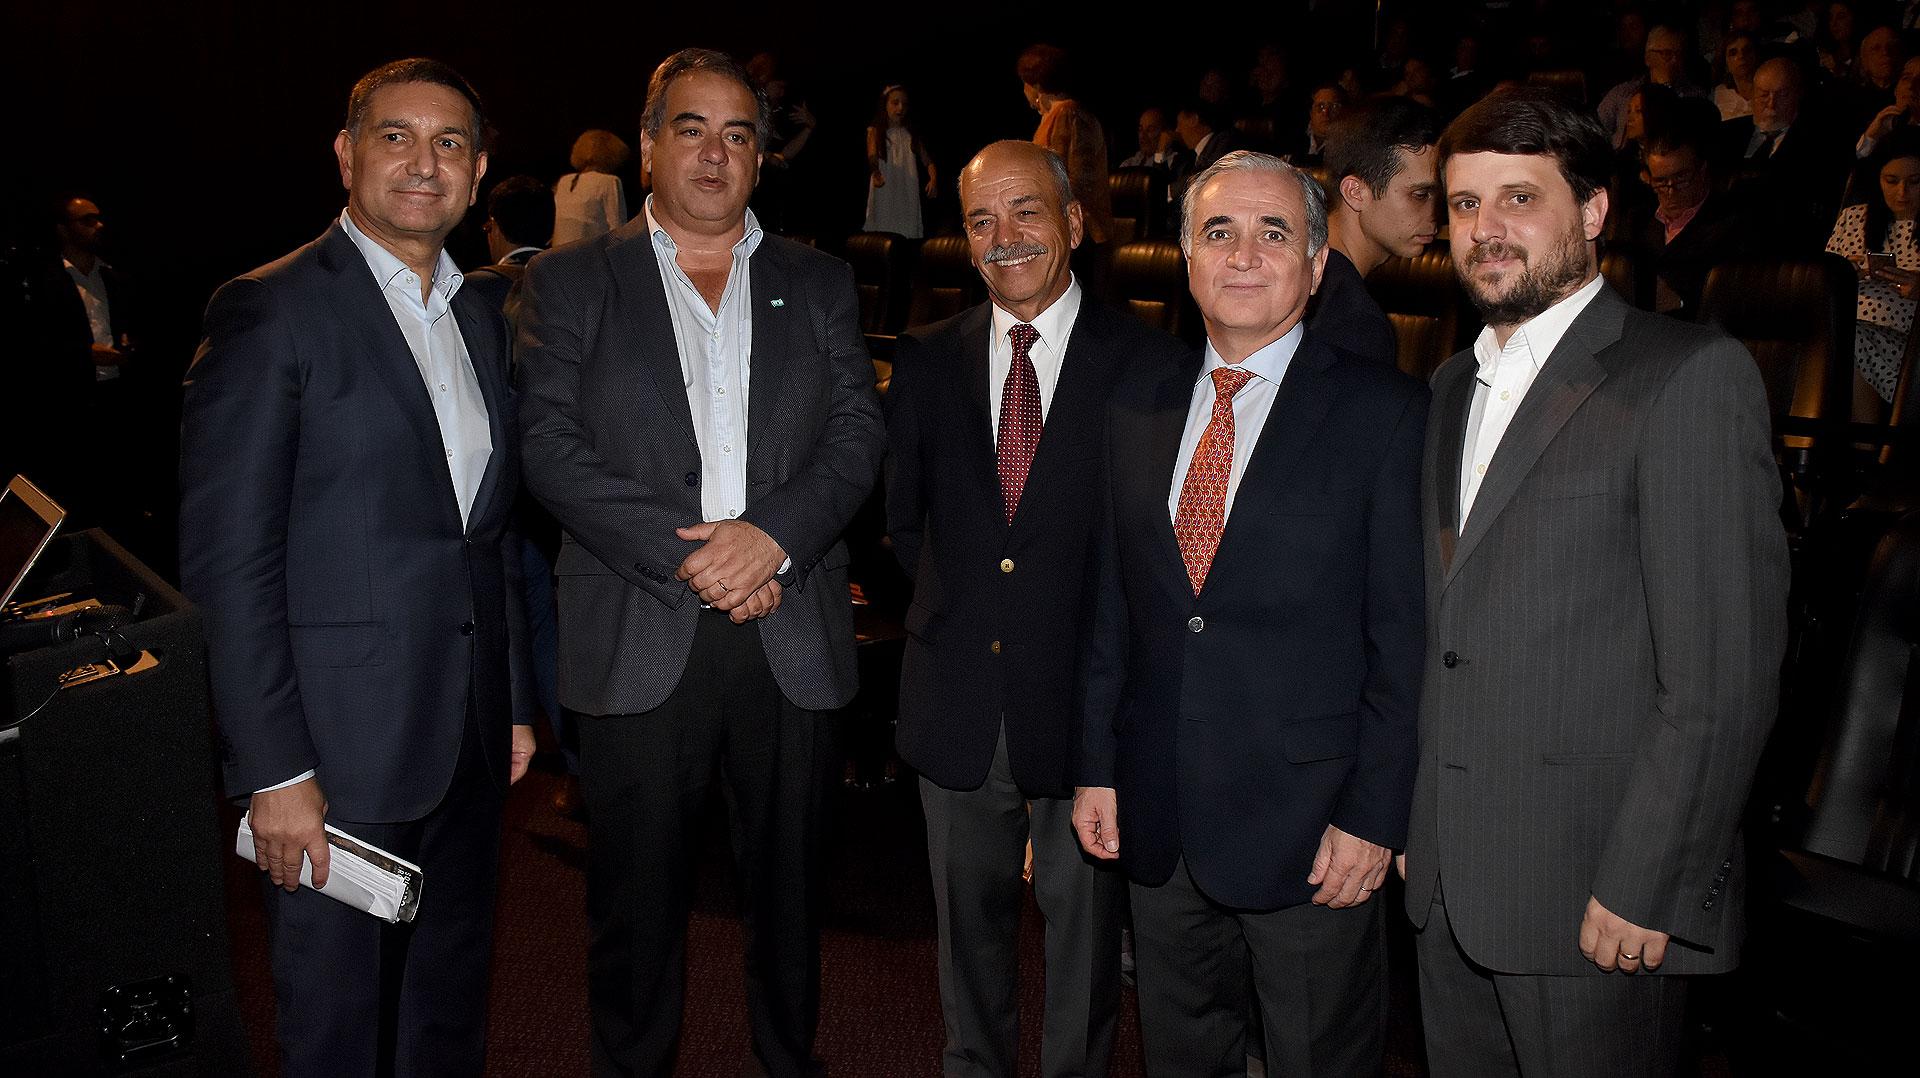 Ex combatientes, junto al Ministro de Defensa y el director de la película